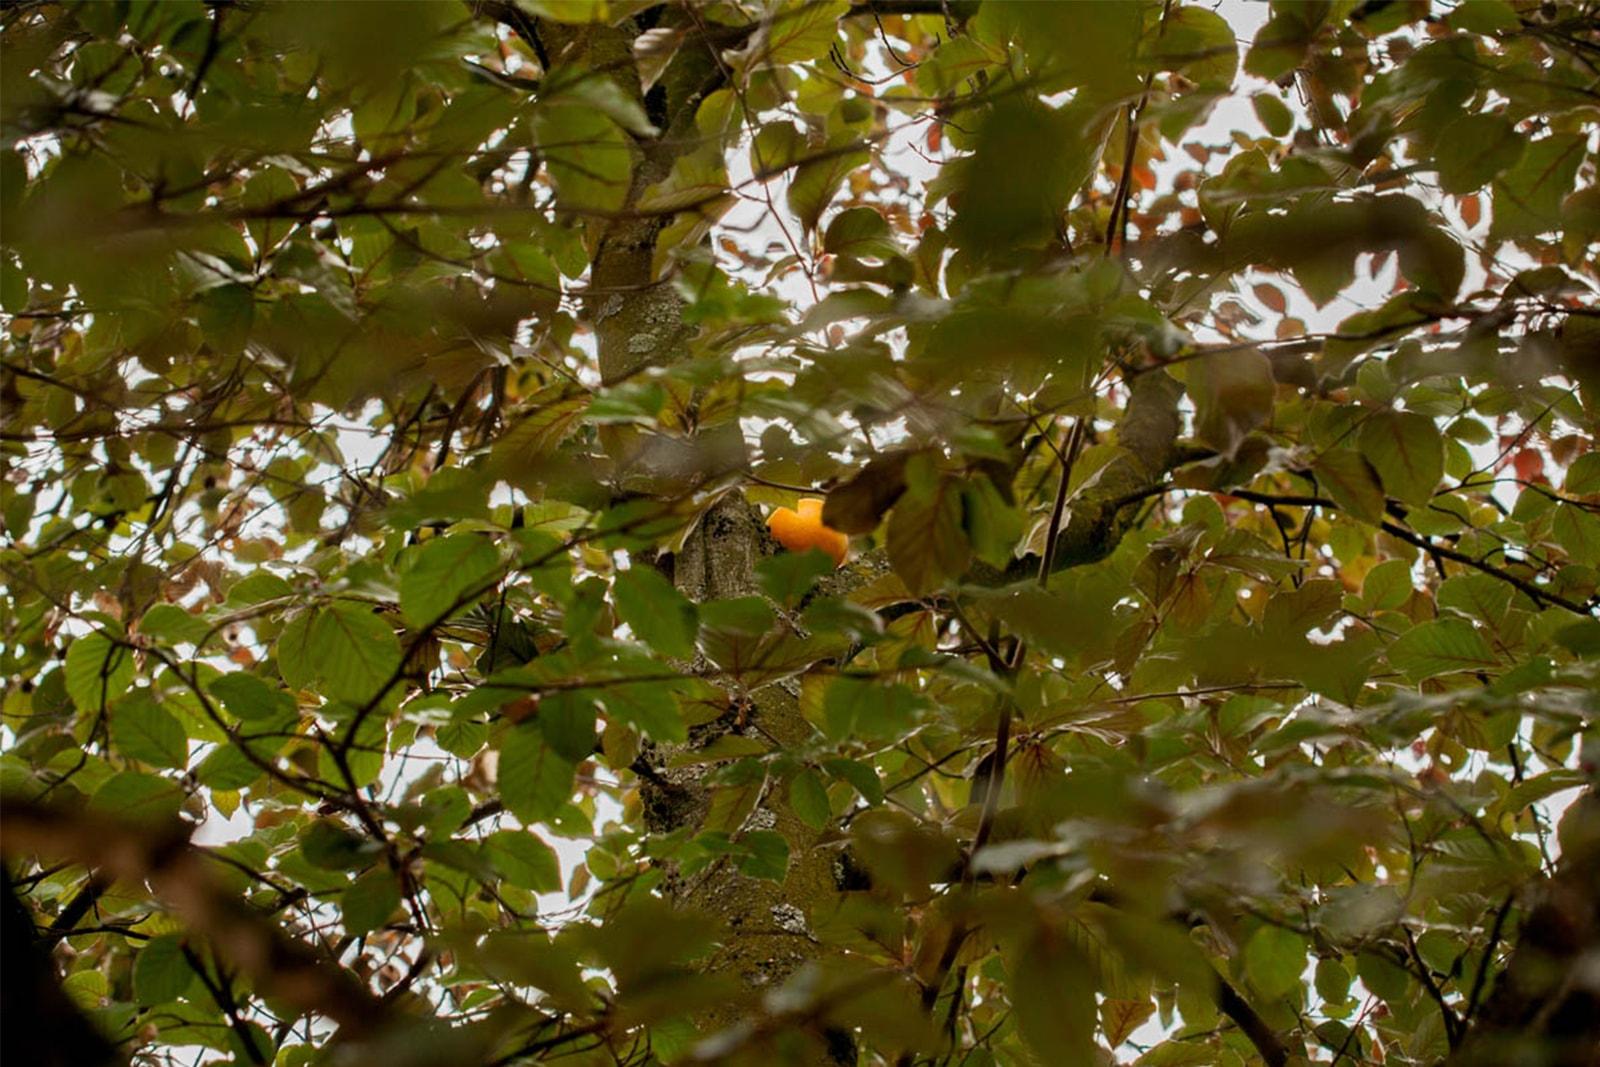 Nostalgia - An orange in a non-orange tree